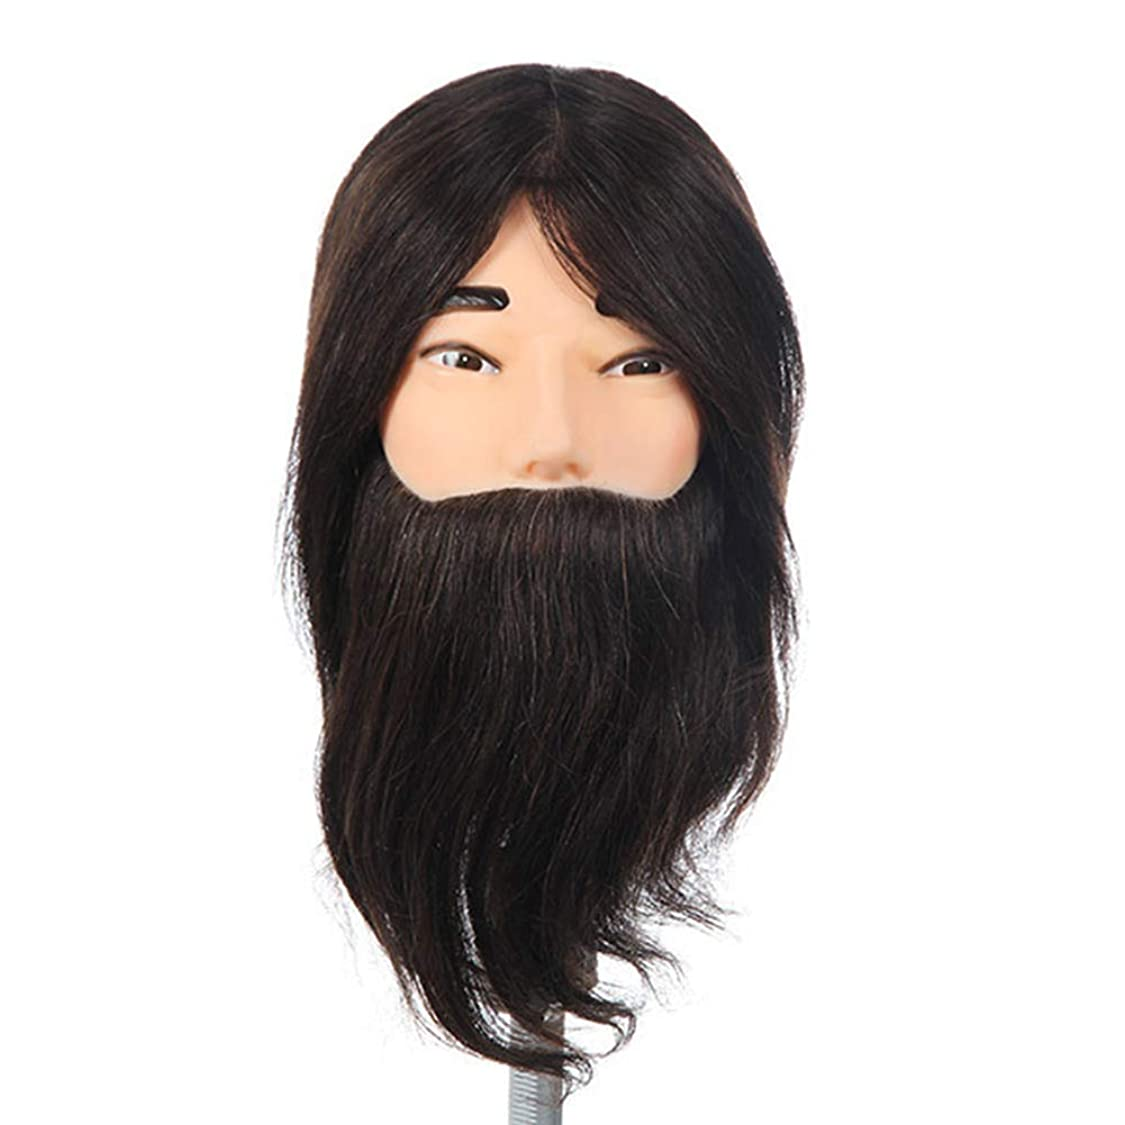 意味するシェード案件リアルヘア練習ヘッドモデルヘアサロントリミングパーマ染毛剤学習ダミーヘッドひげを生やした男性化粧マネキンヘッド